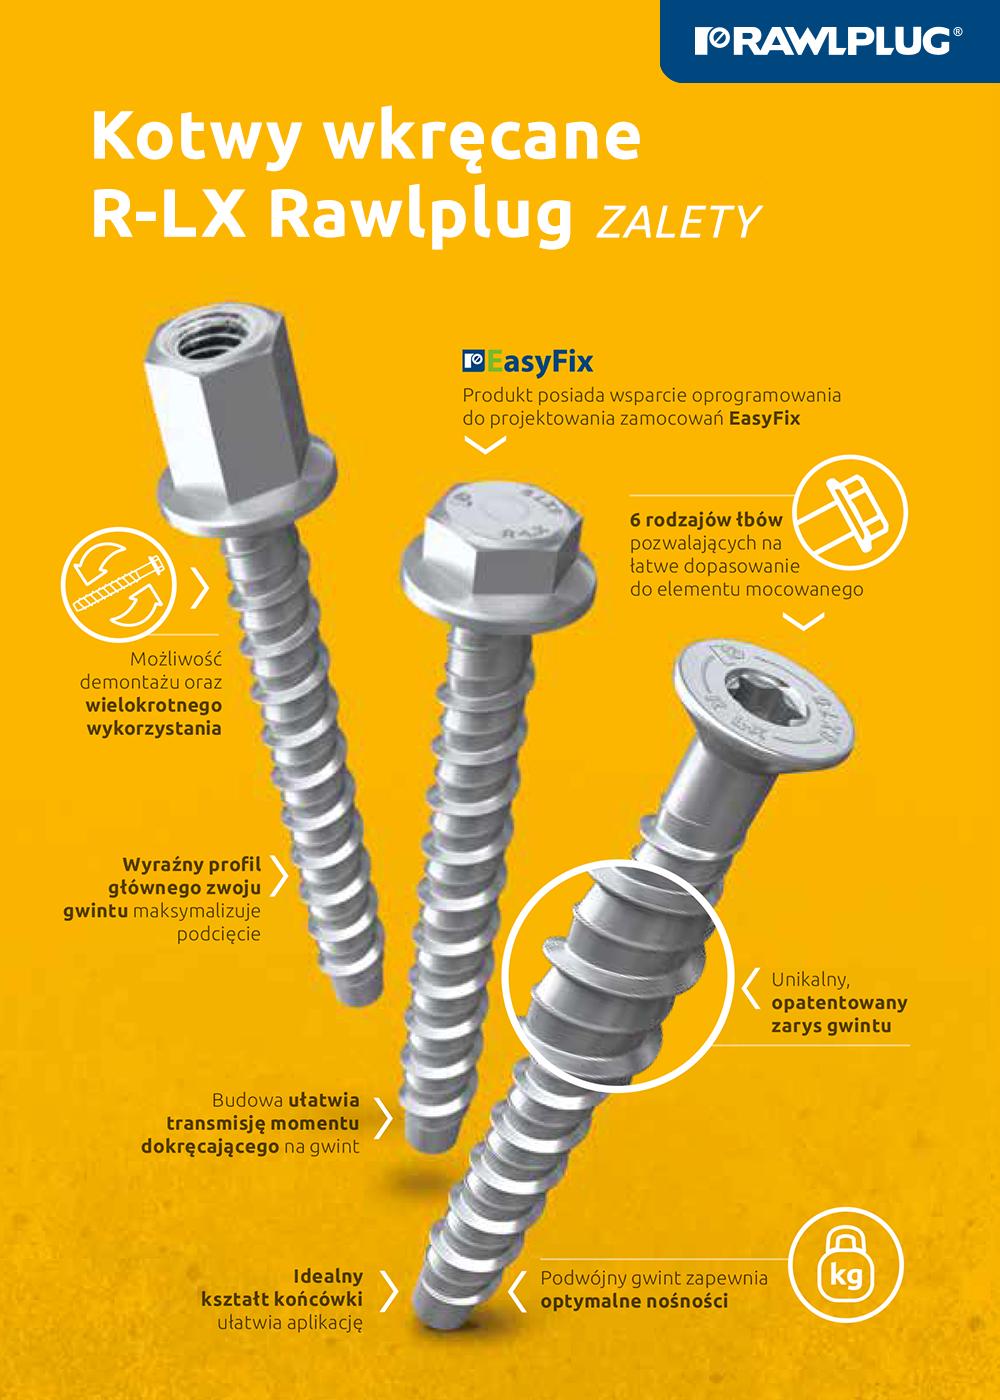 Kotwy wkręcane R-LX Rawlplug